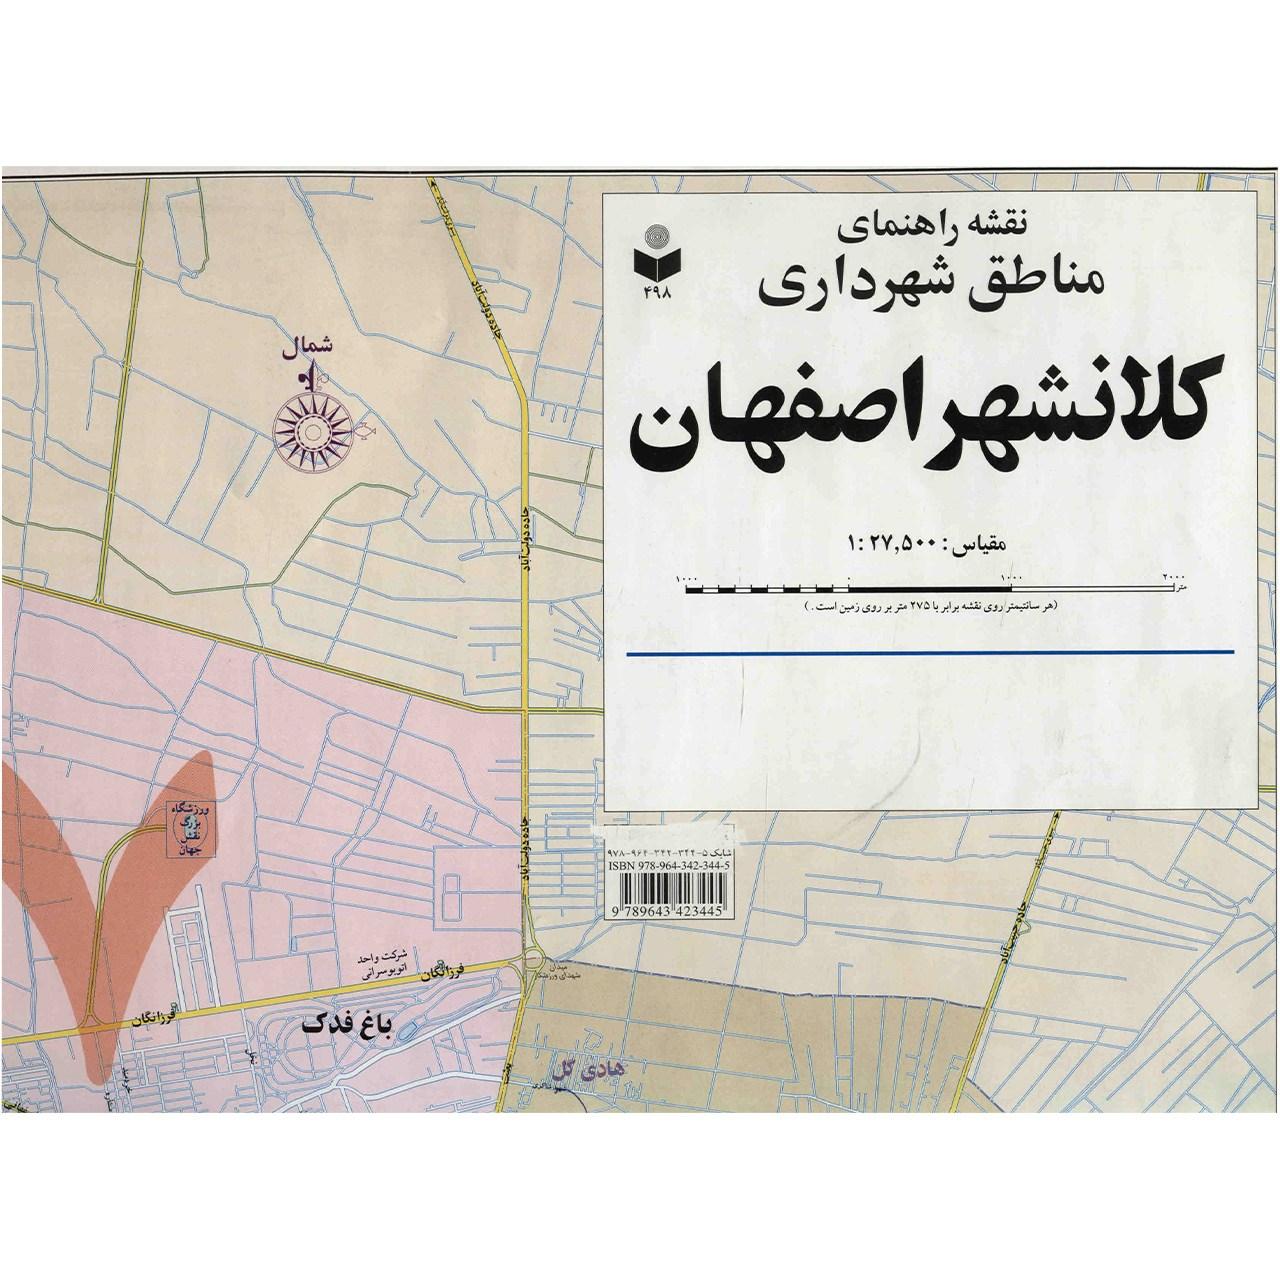 نقشه راهنمای مناطق شهرداری کلانشهر اصفهان